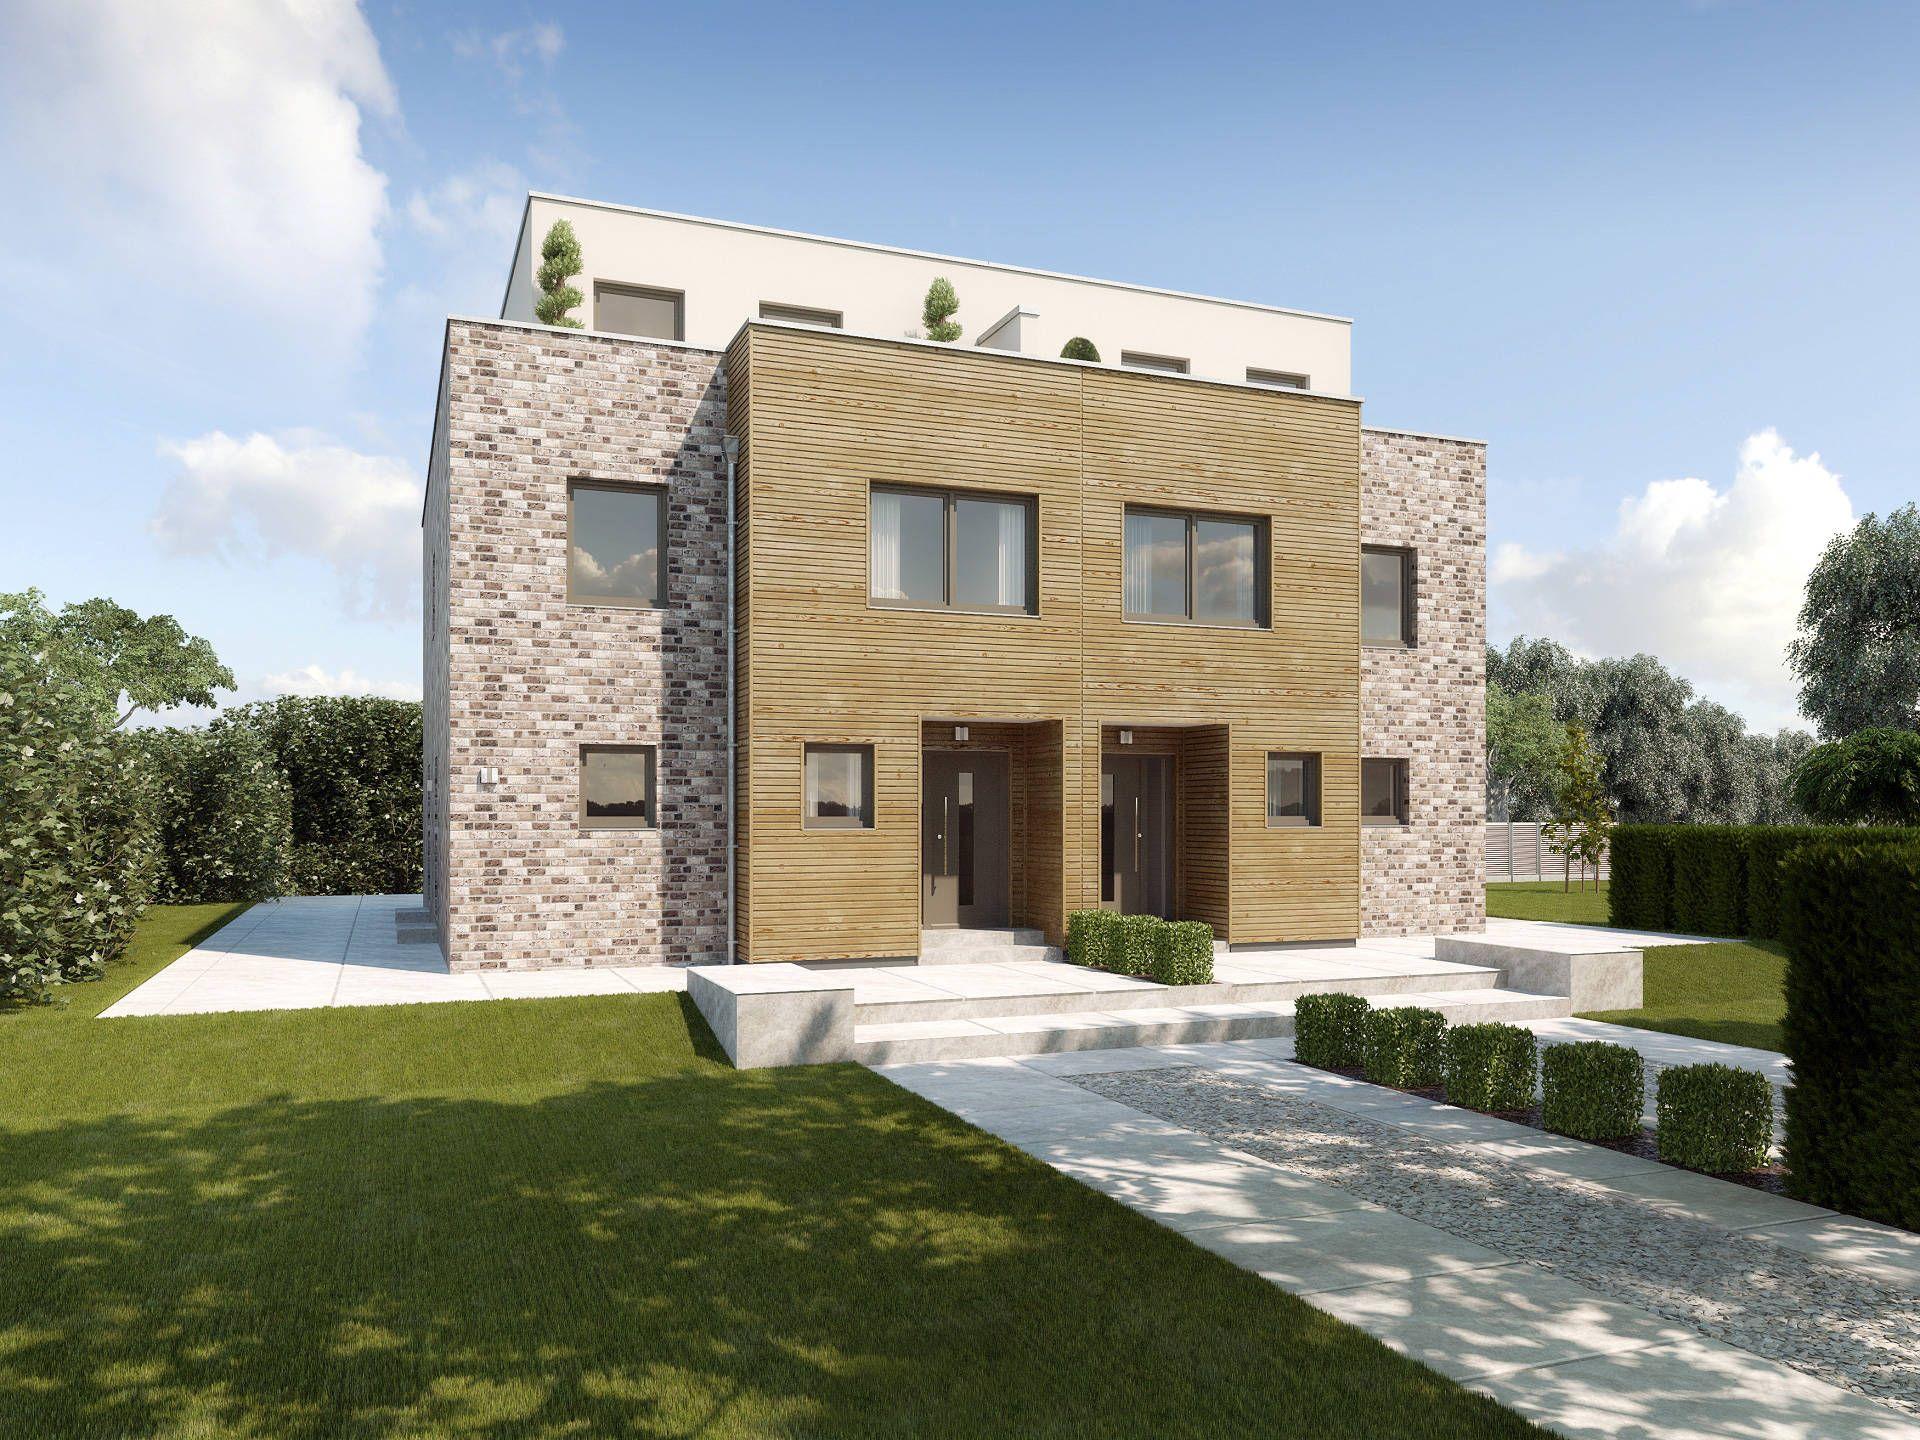 Doppelhaus Malaga • Doppelhaus von GUSSEK HAUS • Extravagantes ...